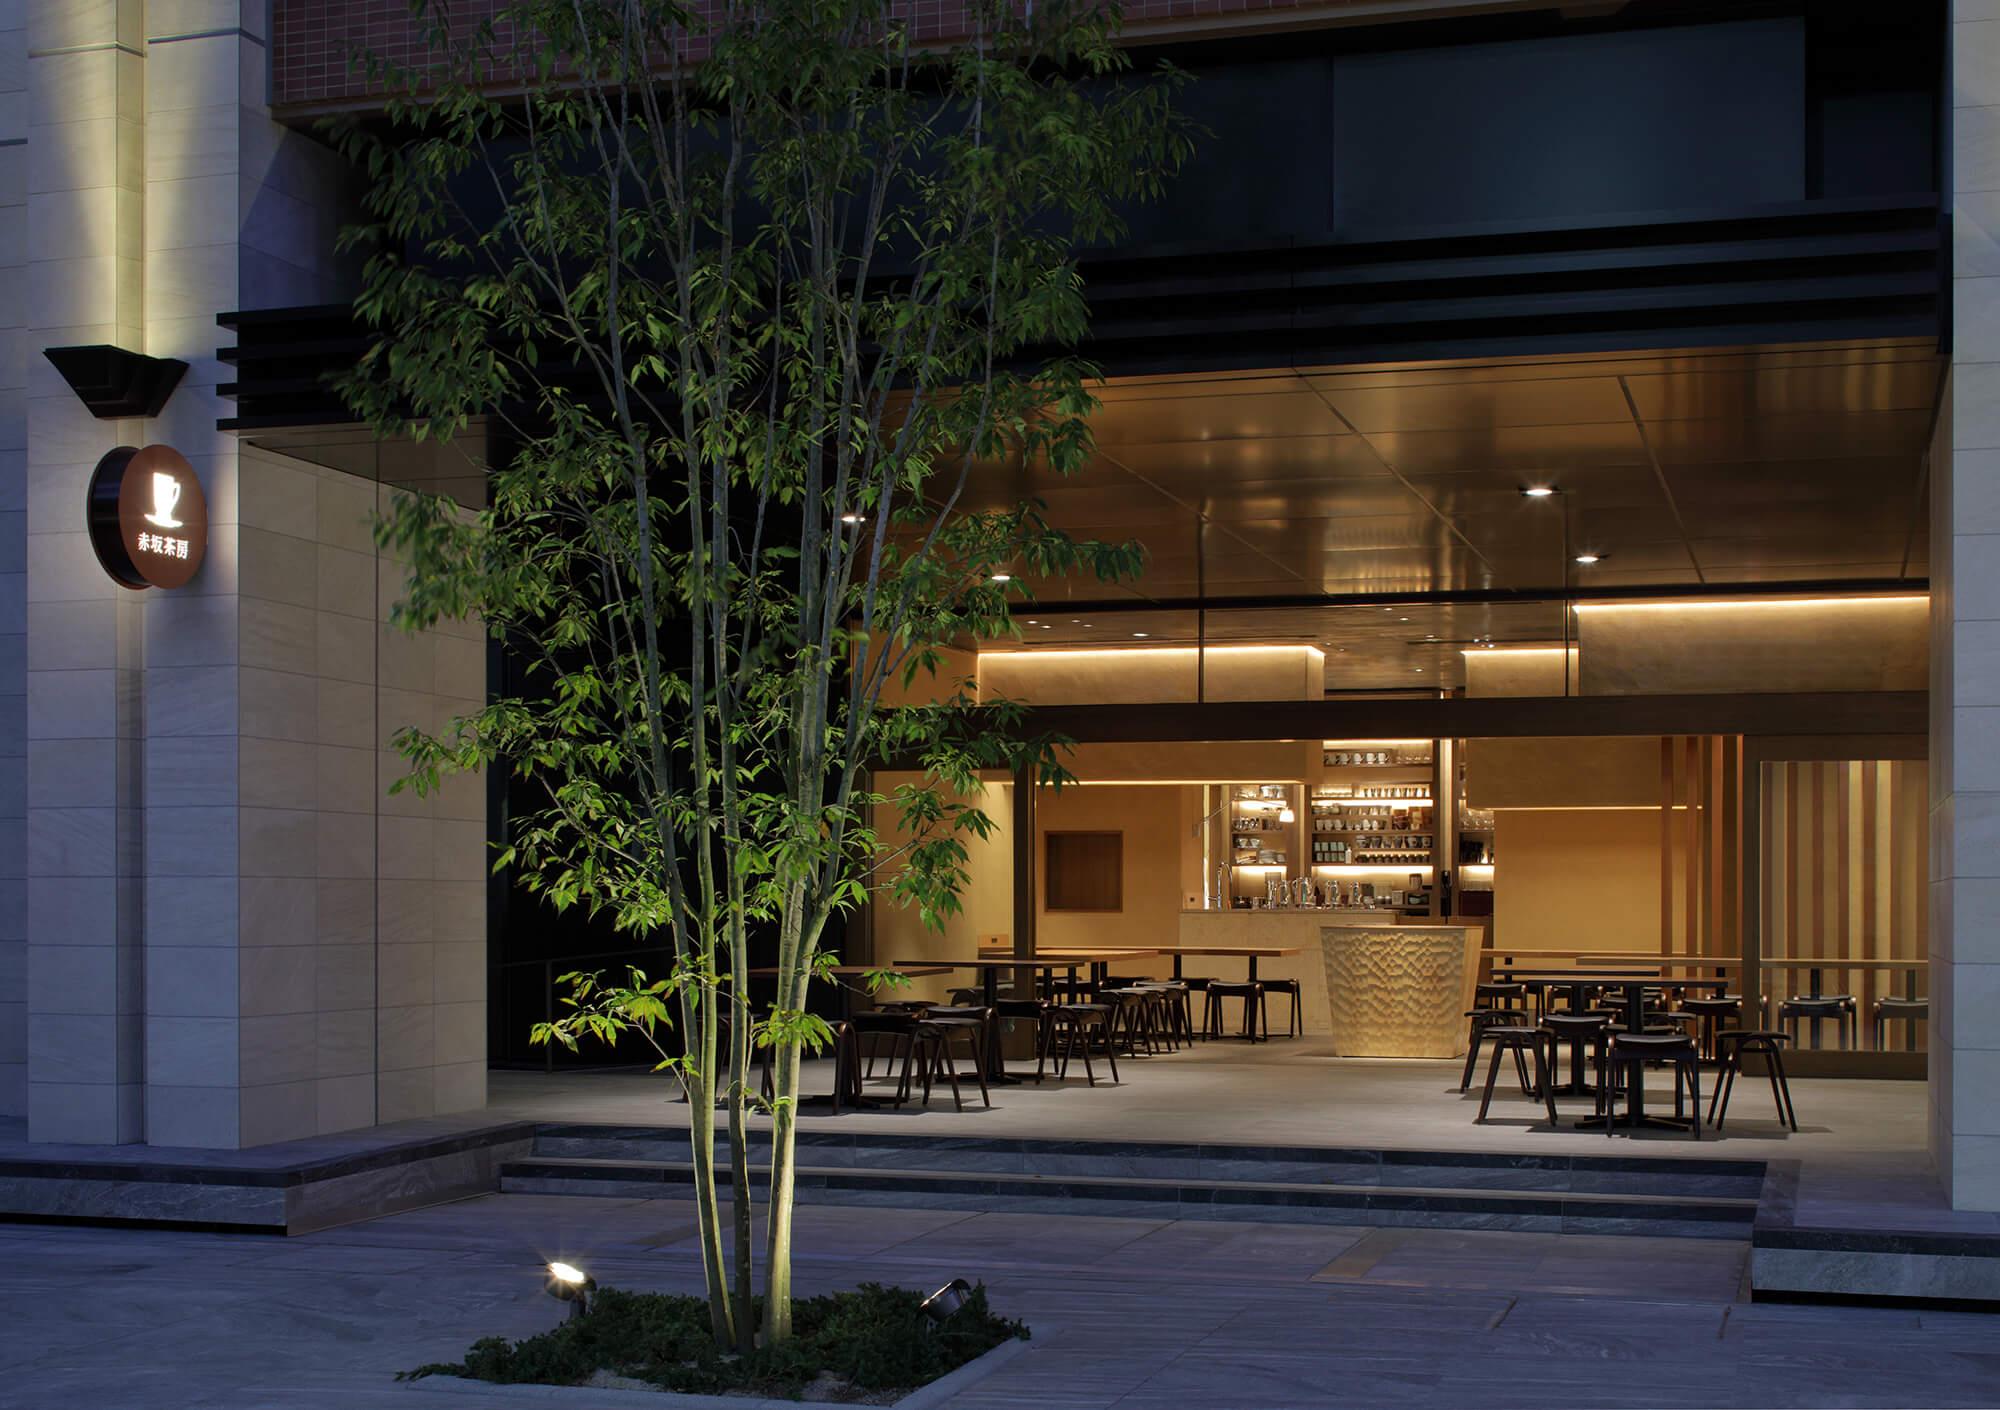 『赤坂茶房』-福岡県福岡市-建築写真・竣工写真・インテリア写真1